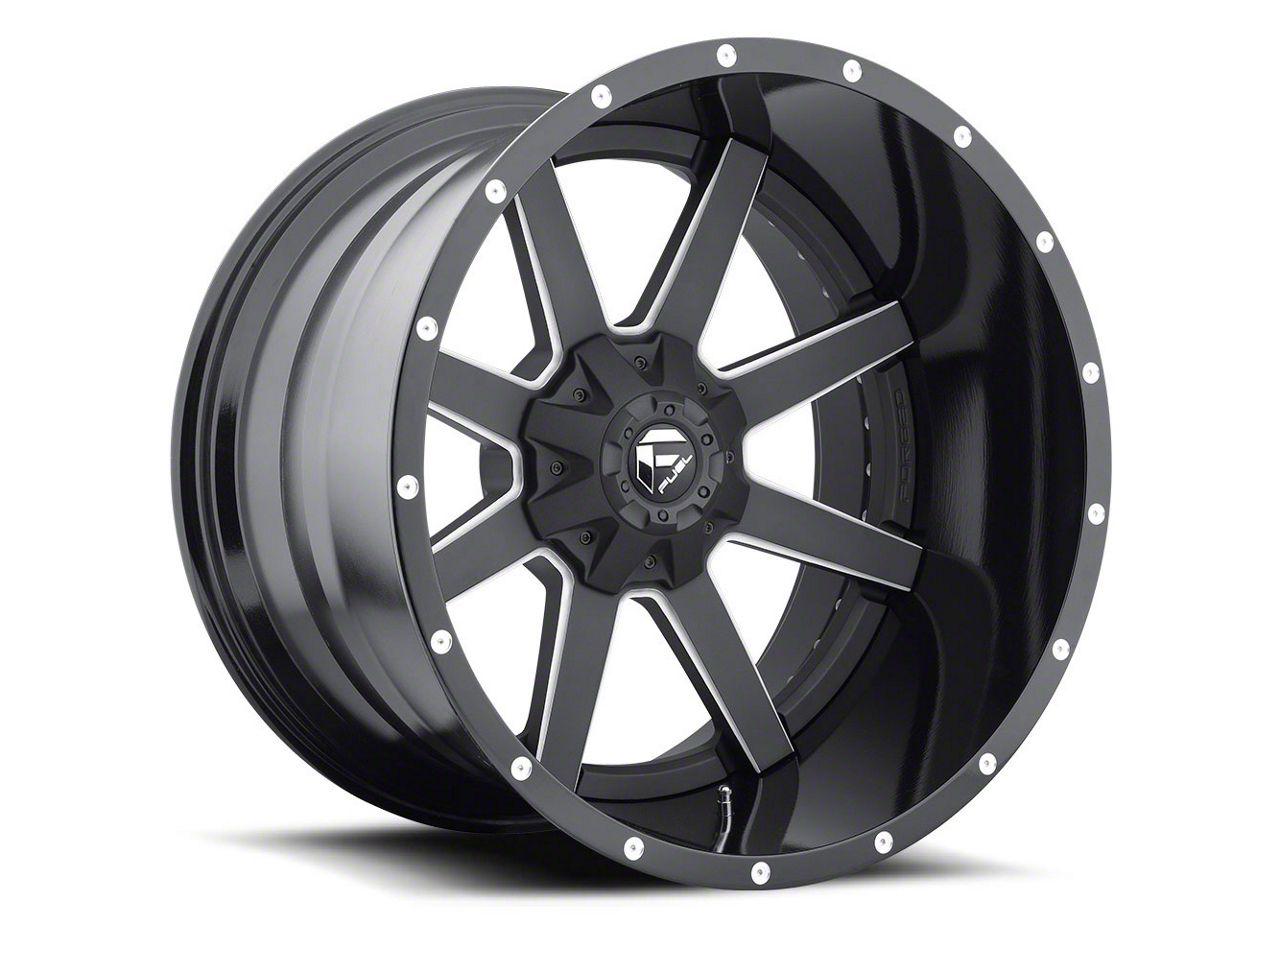 Fuel Wheels Maverick Black Milled 6-Lug Wheel - 24x16 (04-19 F-150)